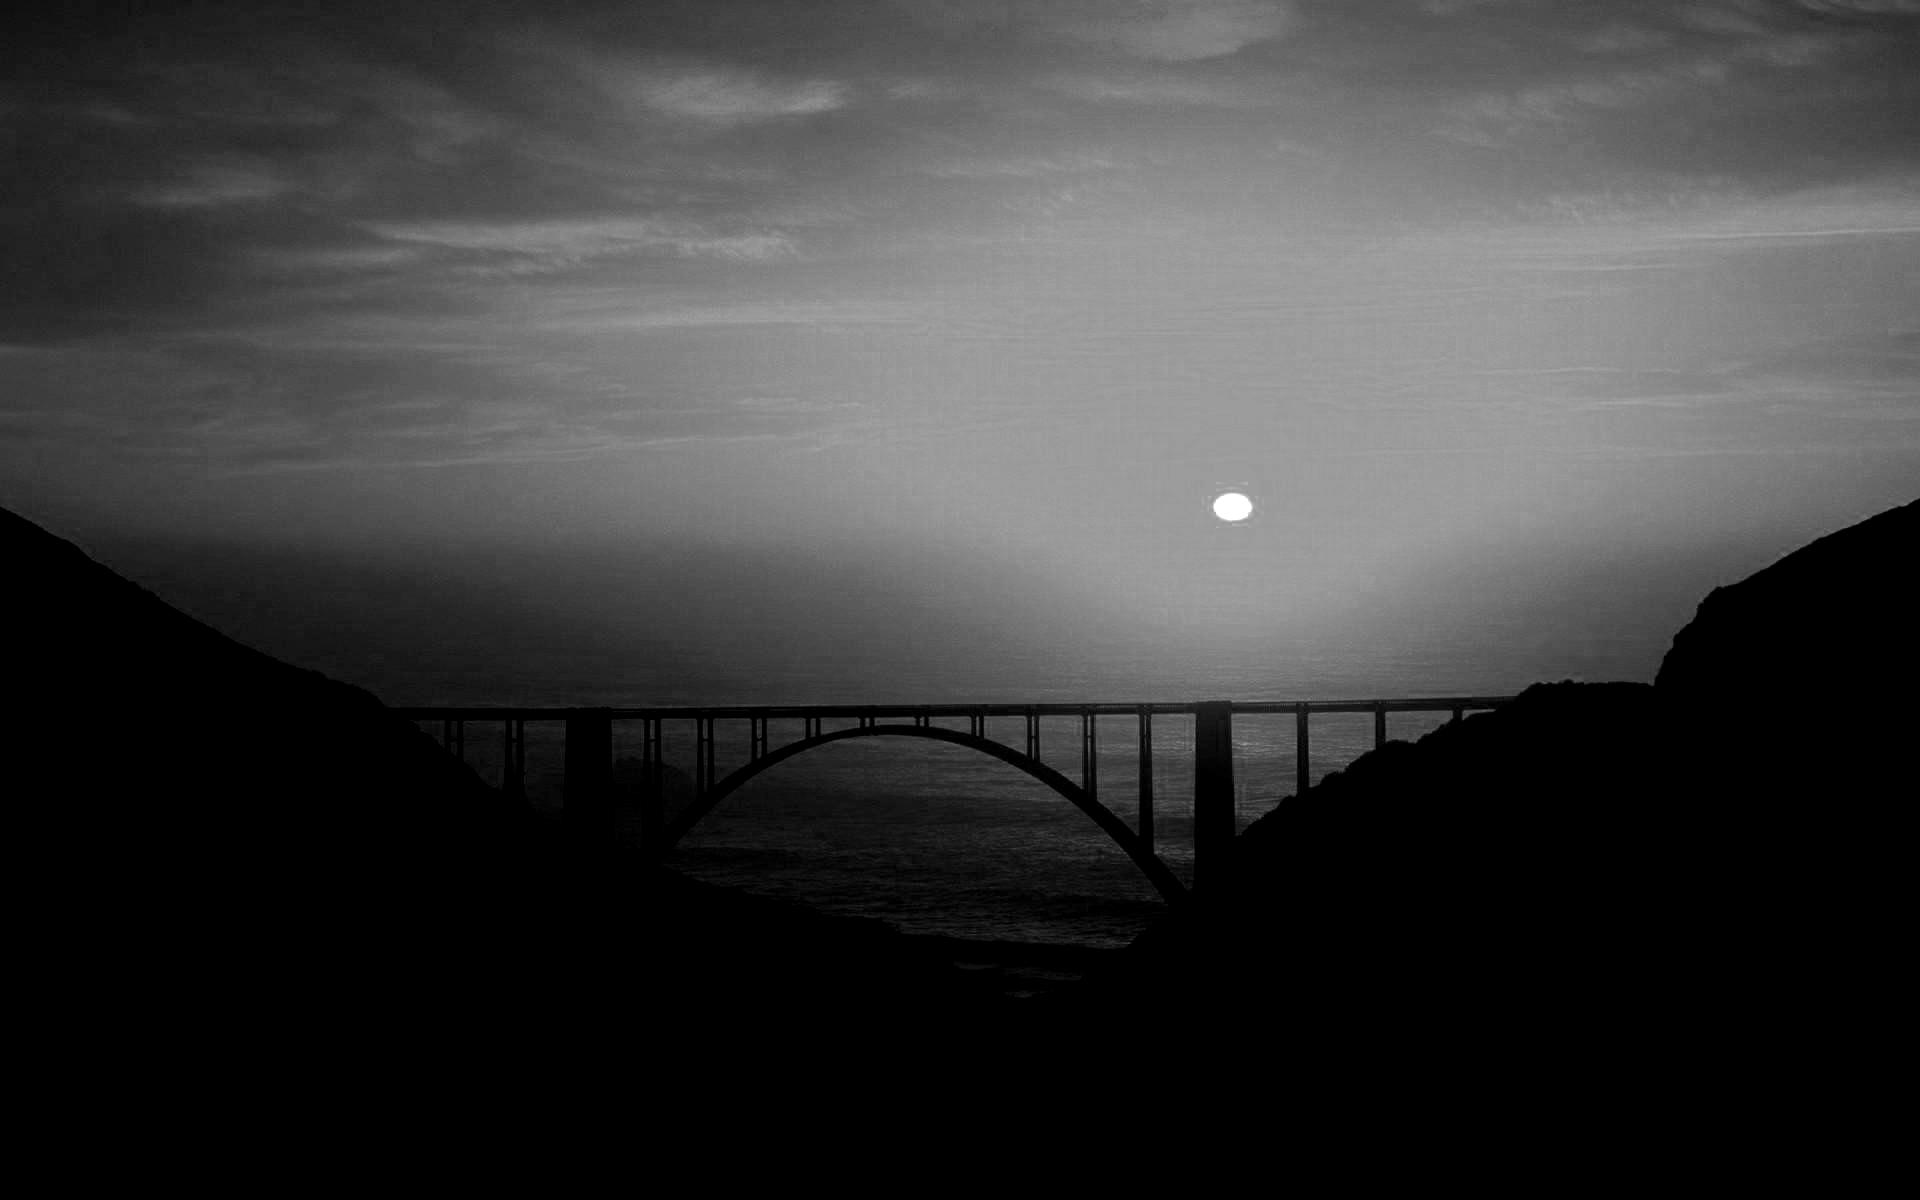 Bridge Coastal Highway Gorge Sunset Sea Beautiful Amazing Picture